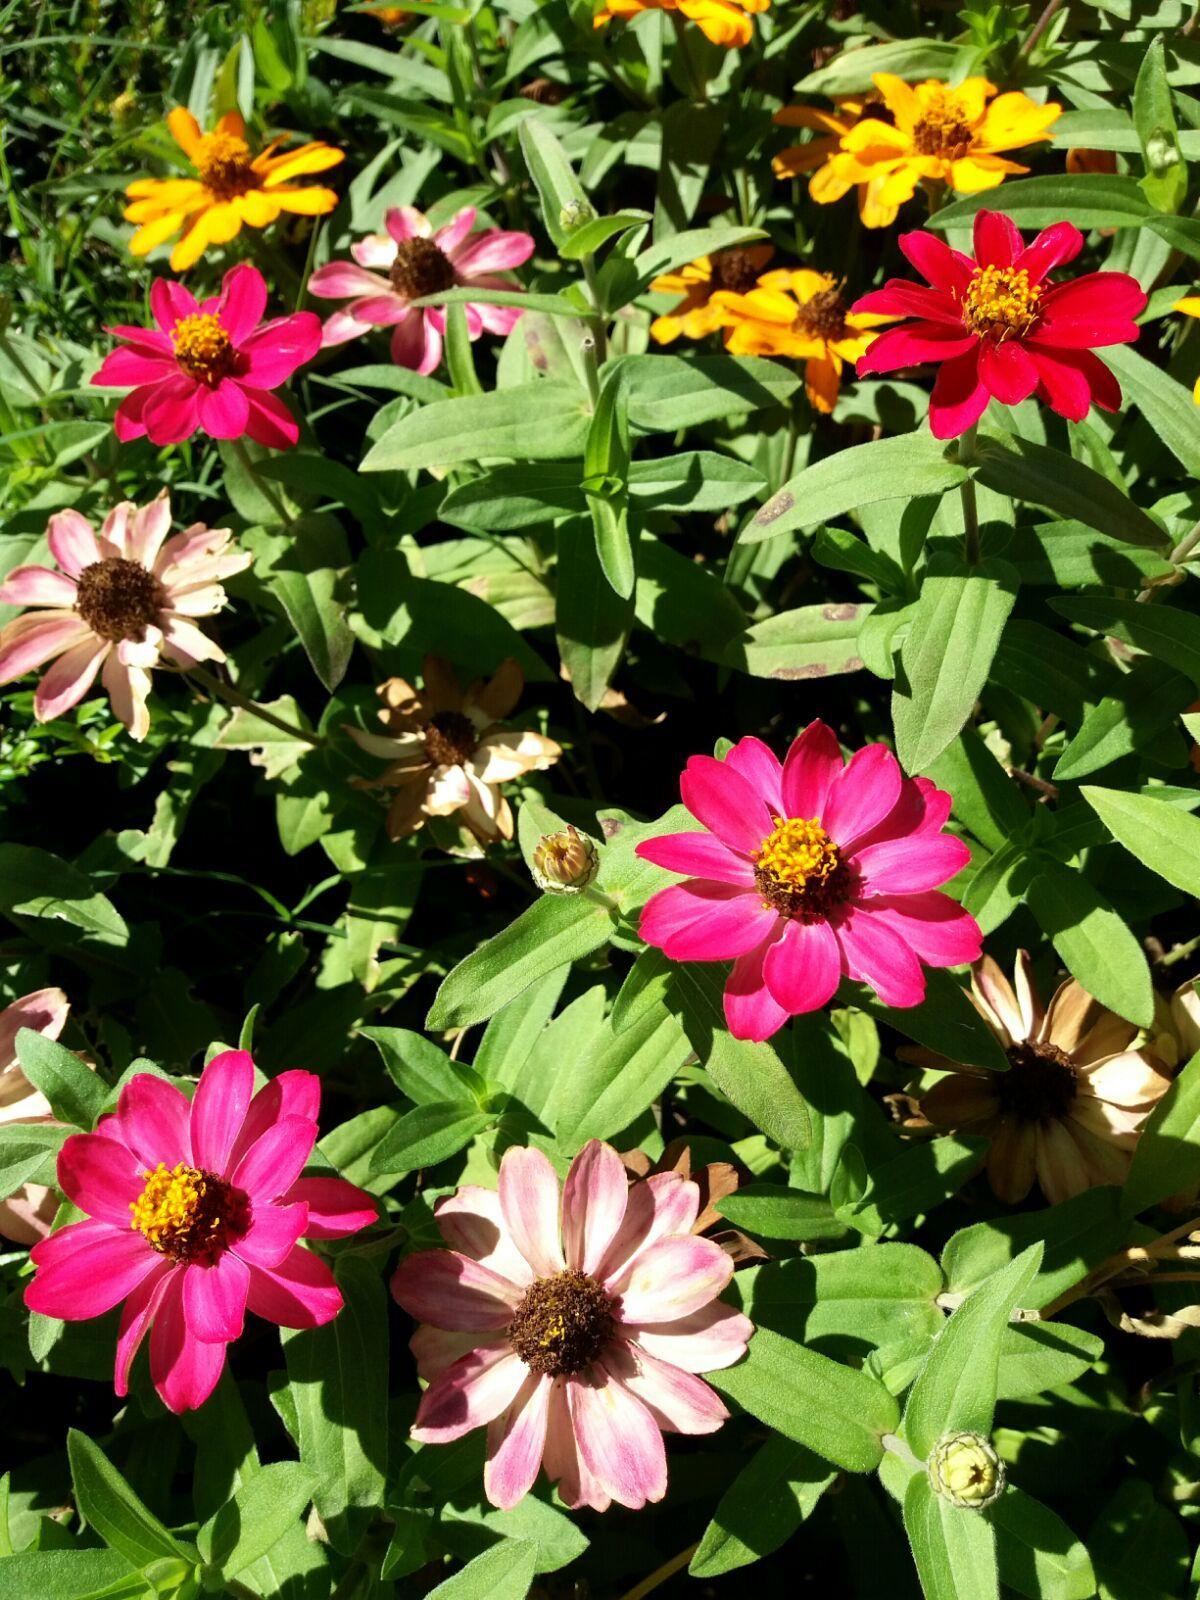 Macizos De Zinias Con Sus Flores De Colores Variados Rojo Amarillo Verde Fucsia Florecen Desde Finales De Verano Hasta B Flores Florecer Losas Macizas